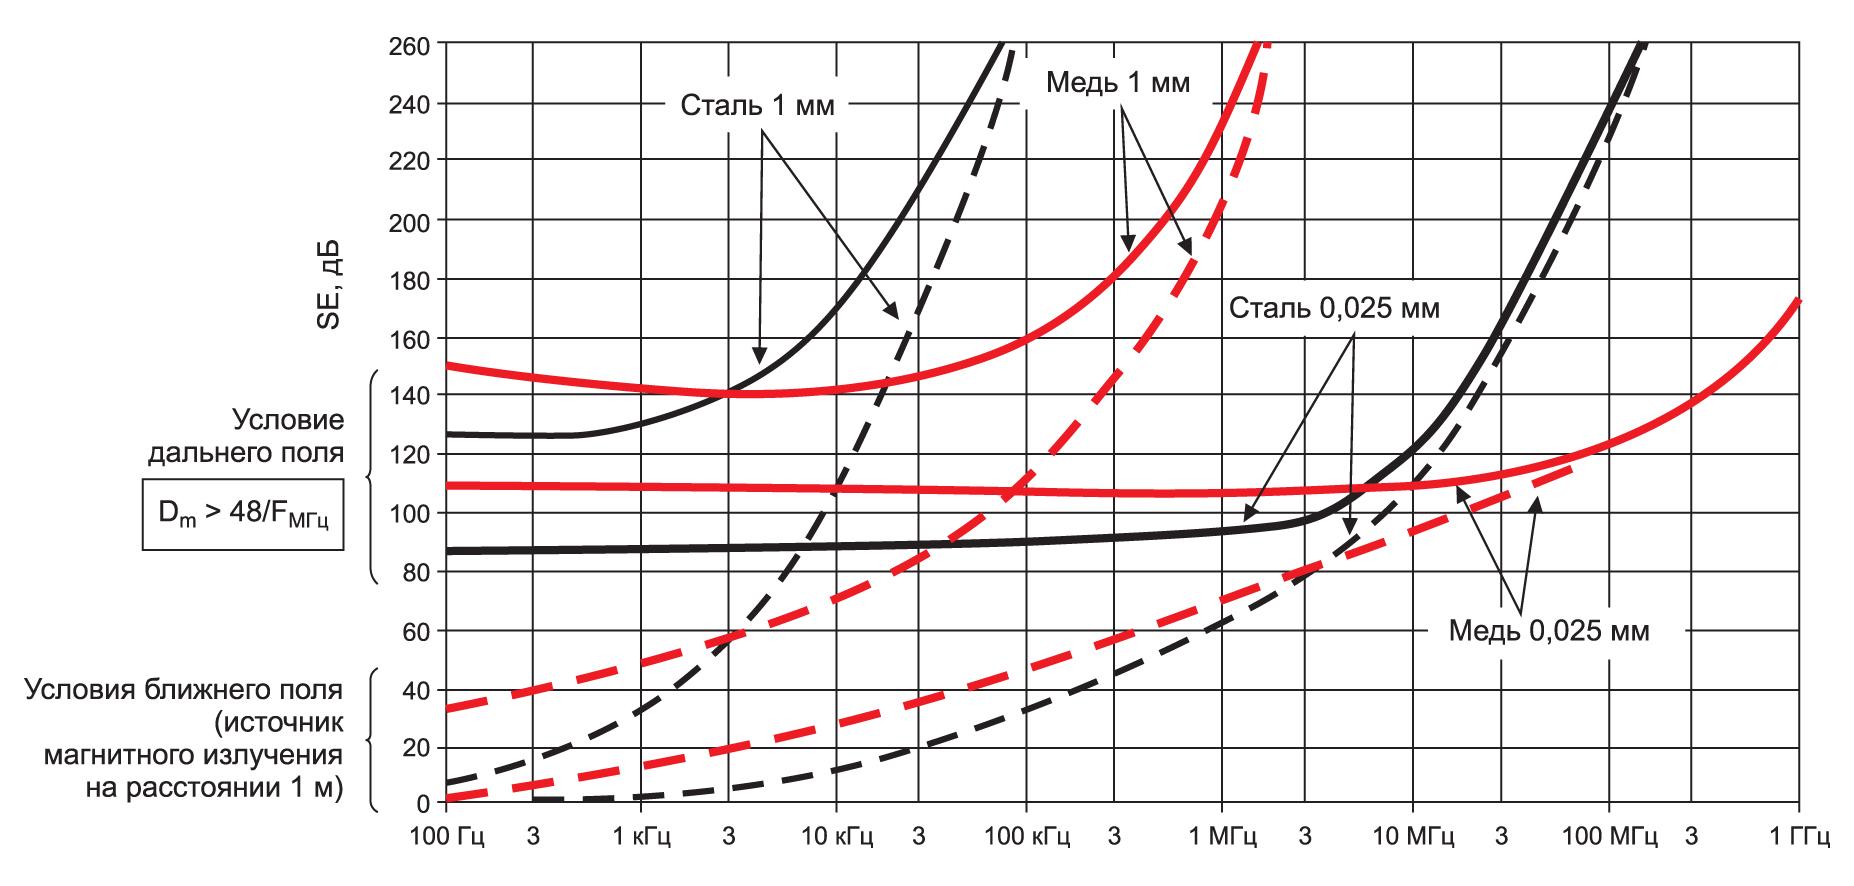 Общая эффективность экранирования (абсорбция + отражение) для нескольких обычно используемых металлов.